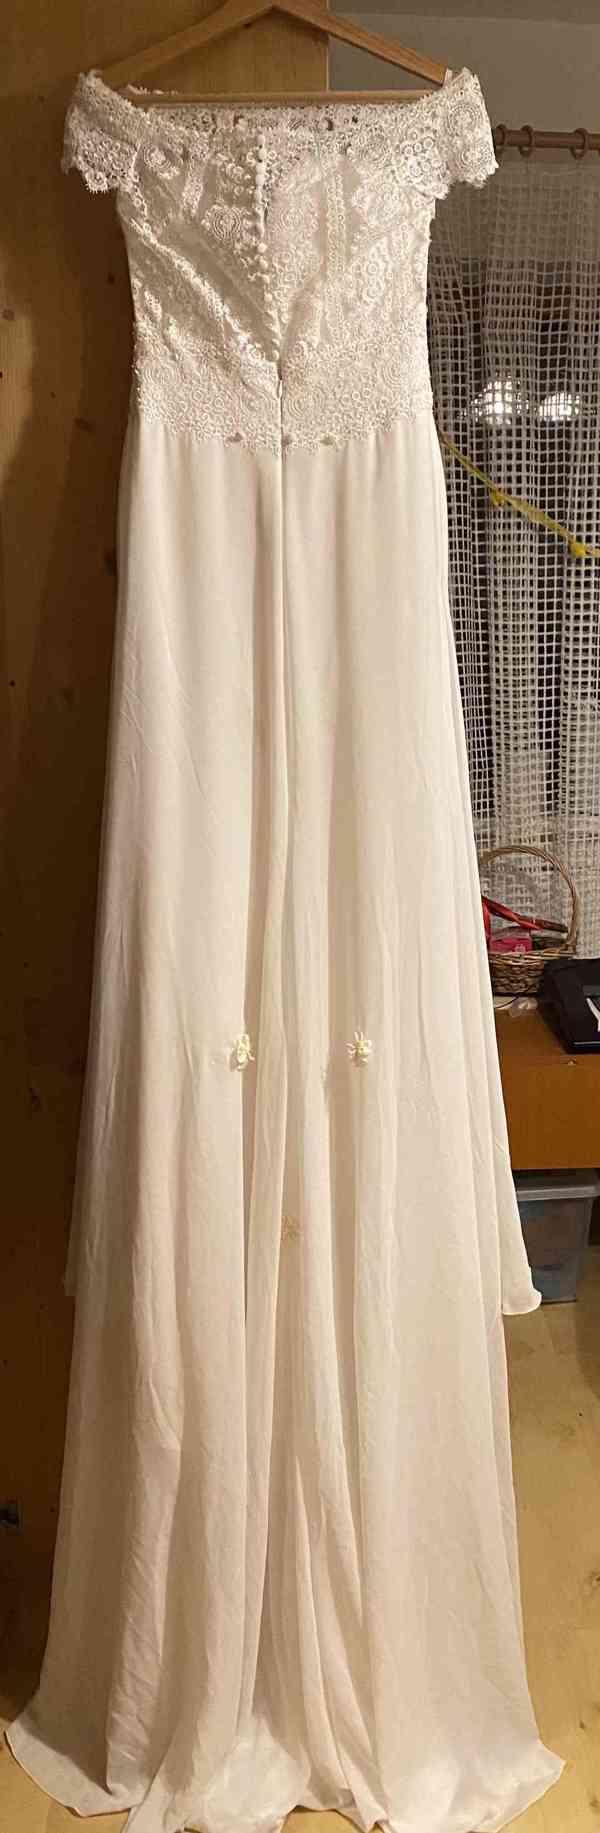 Nádherné svatební šaty vel. 32-34 barva krémová/champagne - foto 6